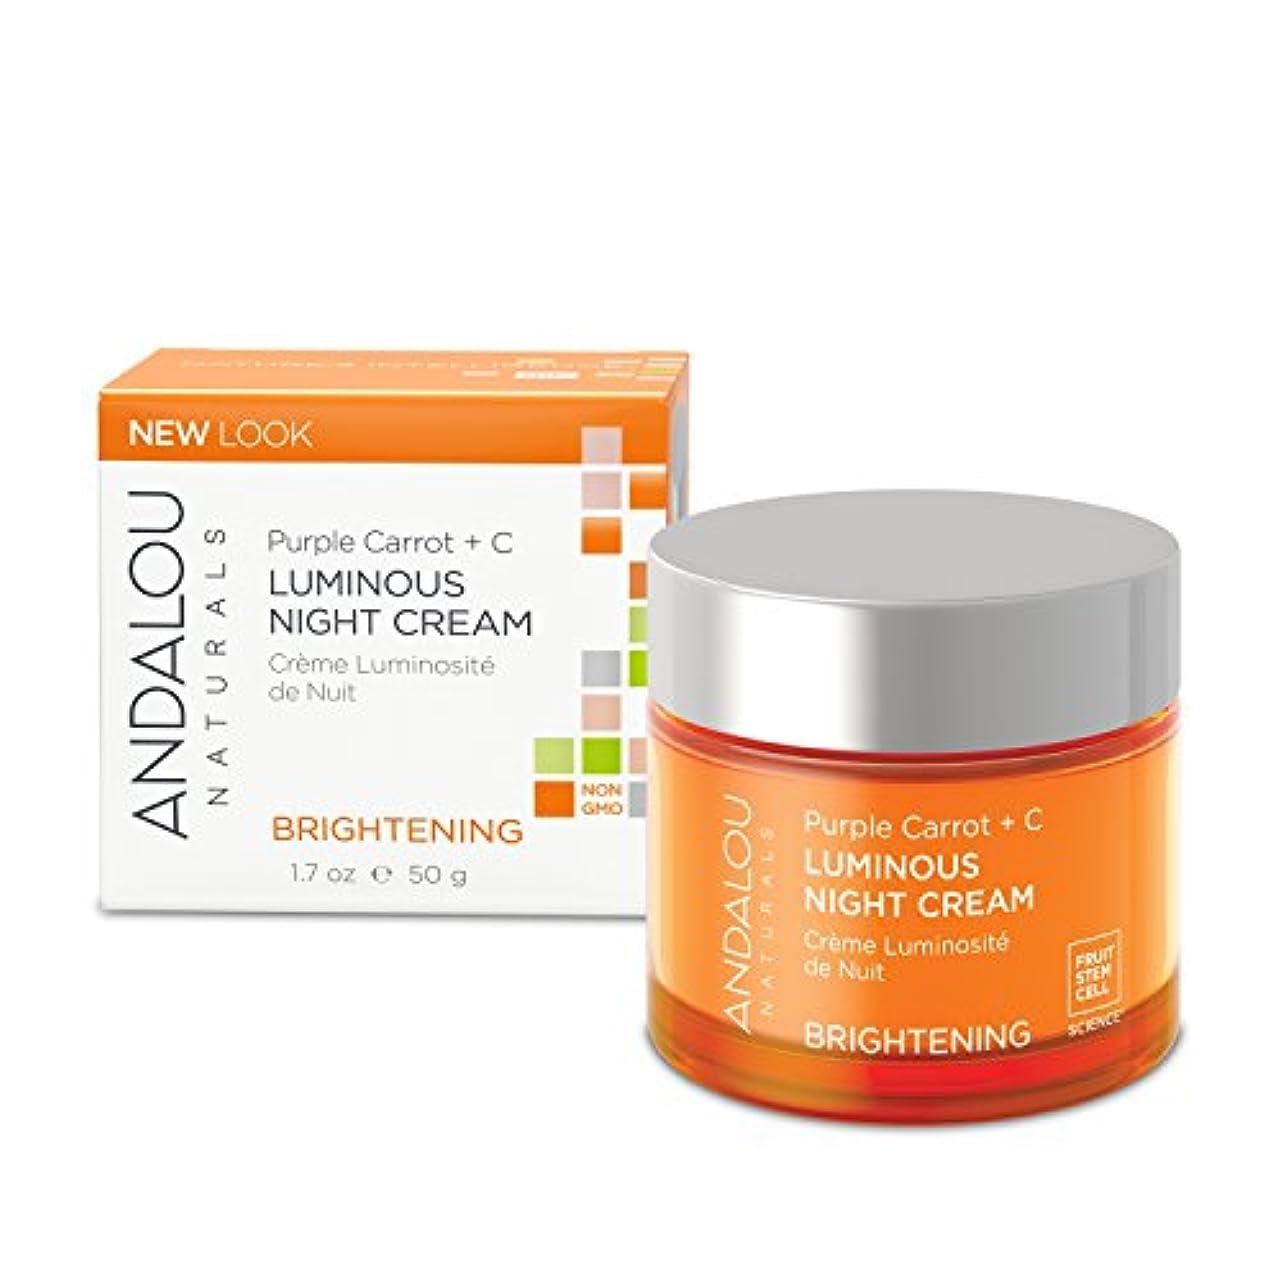 理想的には活力皮オーガニック ボタニカル クリーム ナイトクリーム 美容クリーム ナチュラル フルーツ幹細胞 「 PC+C ルミナスナイトクリーム 」 ANDALOU naturals アンダルー ナチュラルズ